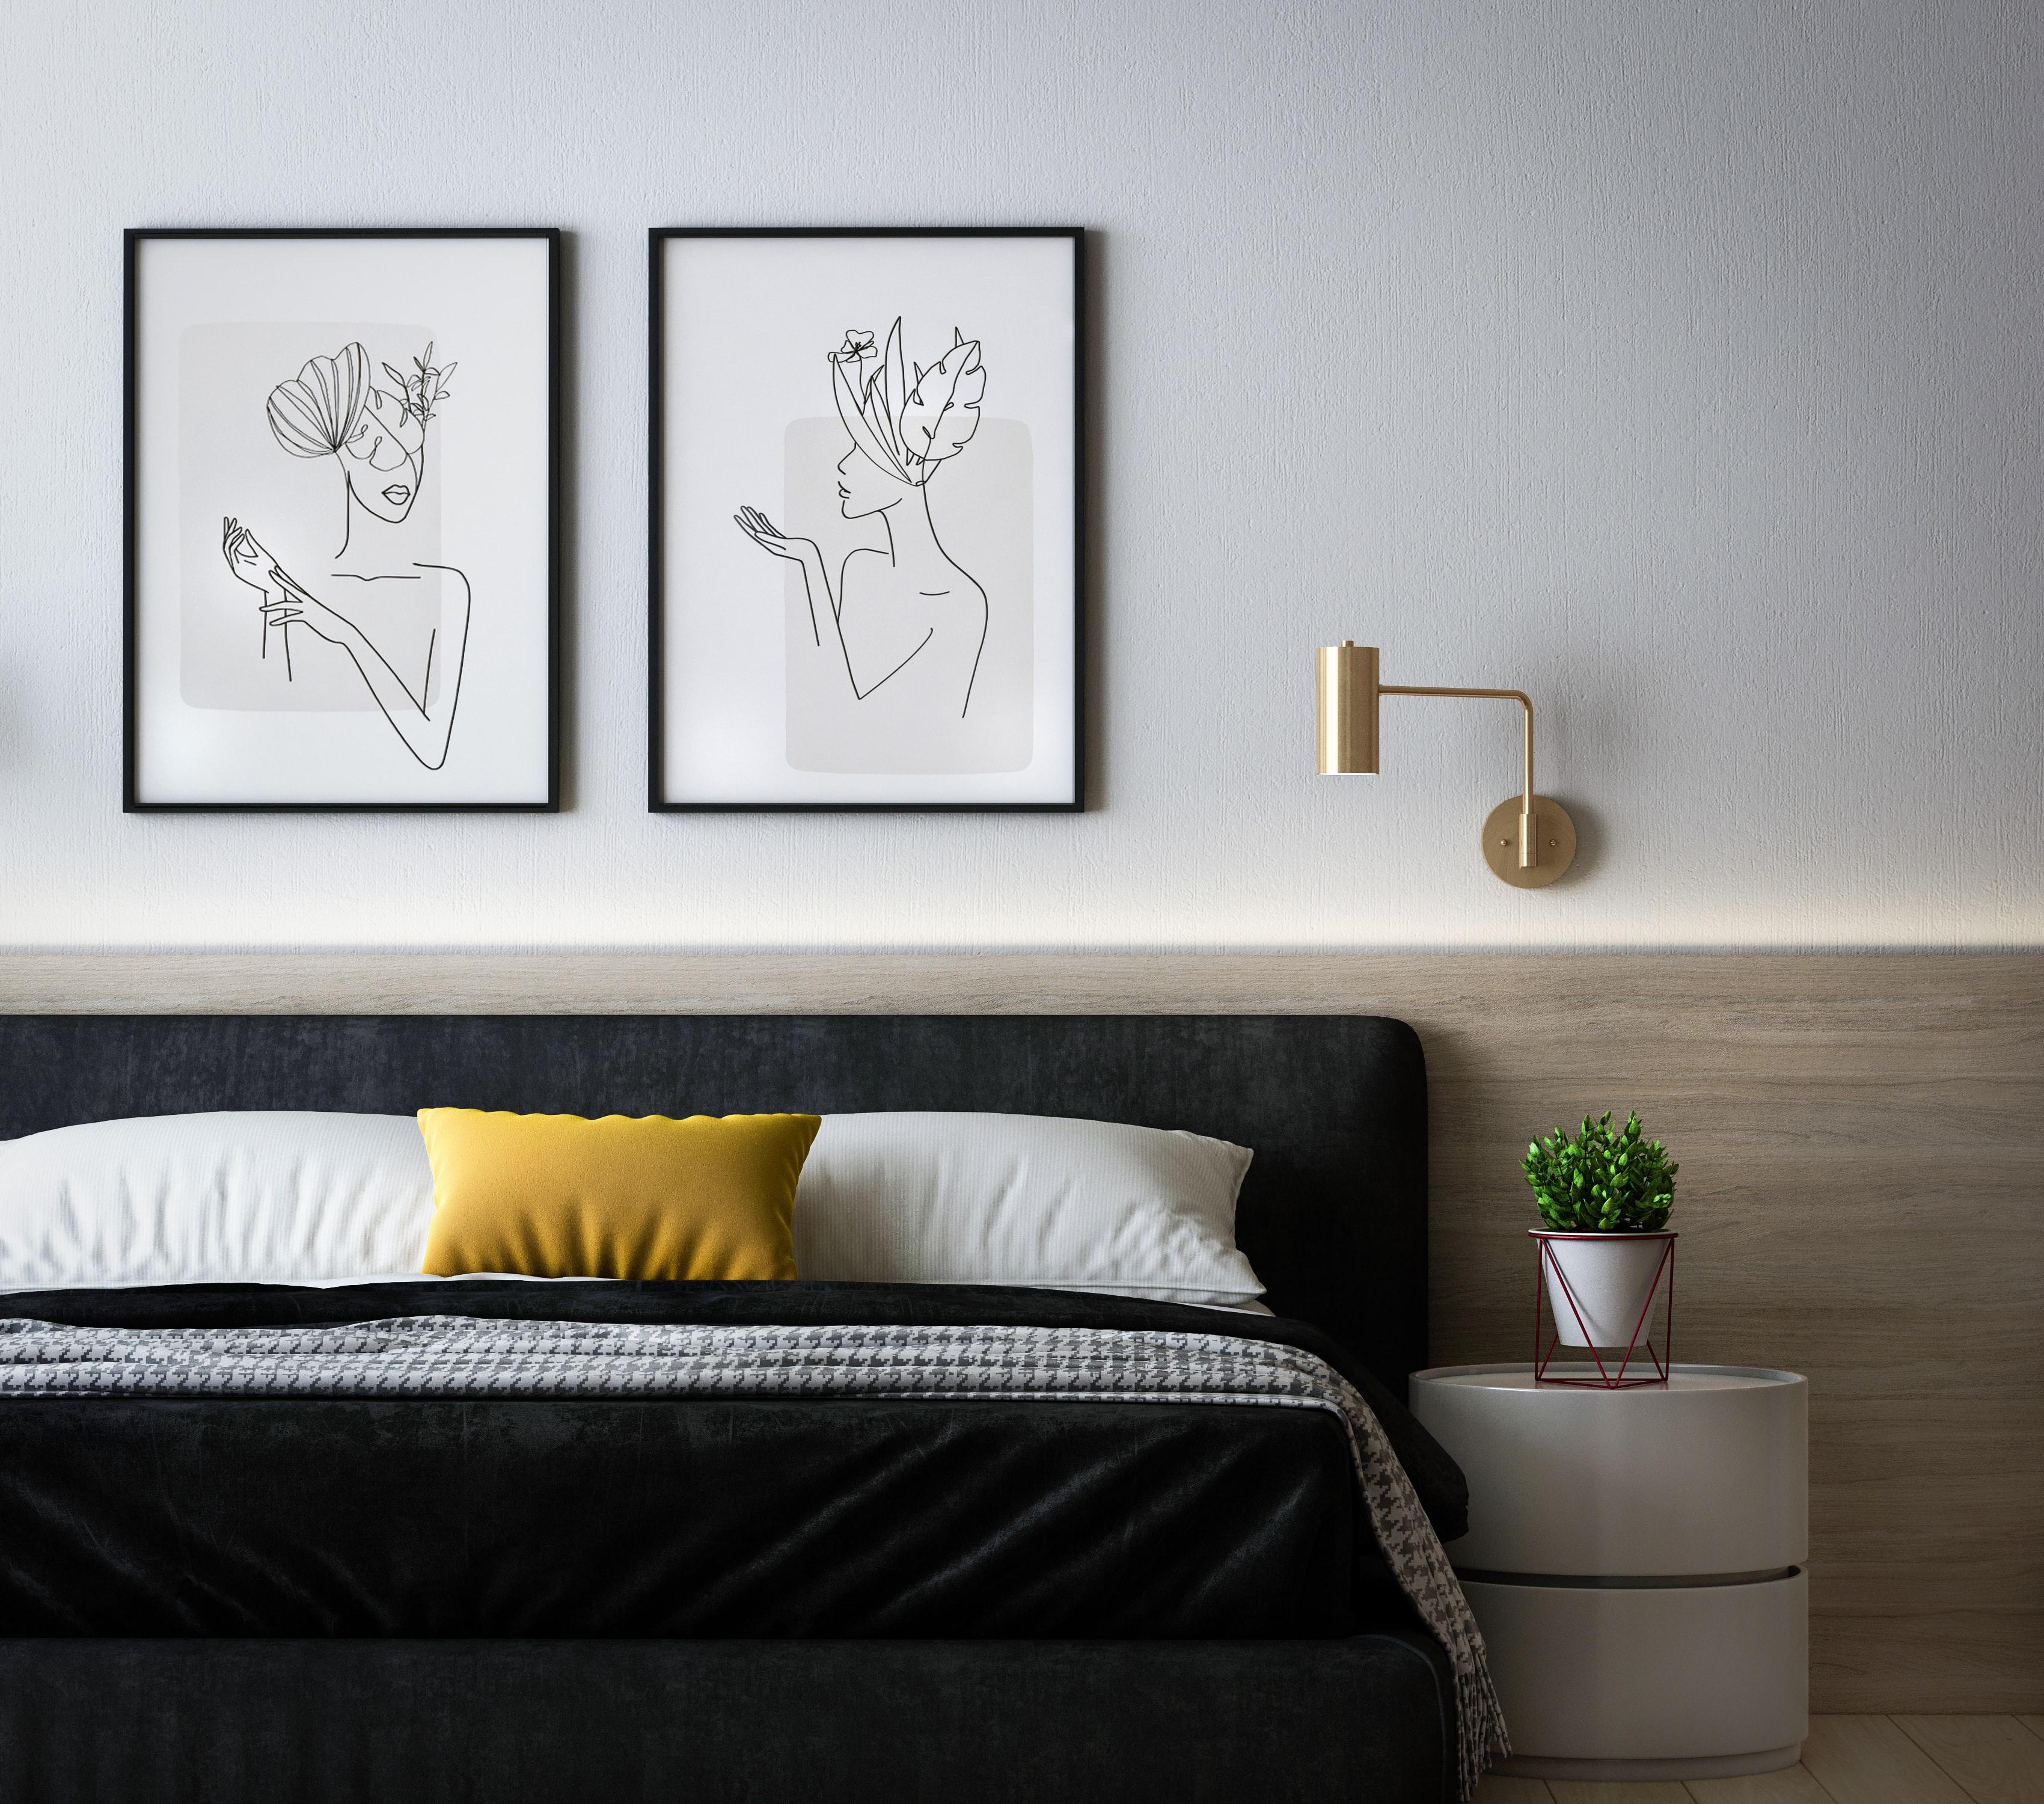 kam idris kyt0PkBSCNQ unsplash - Sådan vælger du en dobbeltseng til dit soveværelse